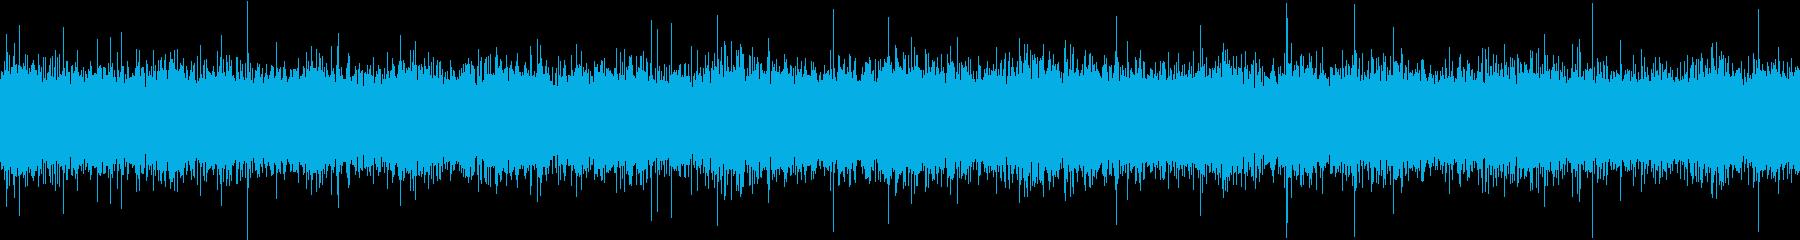 信州白馬五竜の源流の再生済みの波形